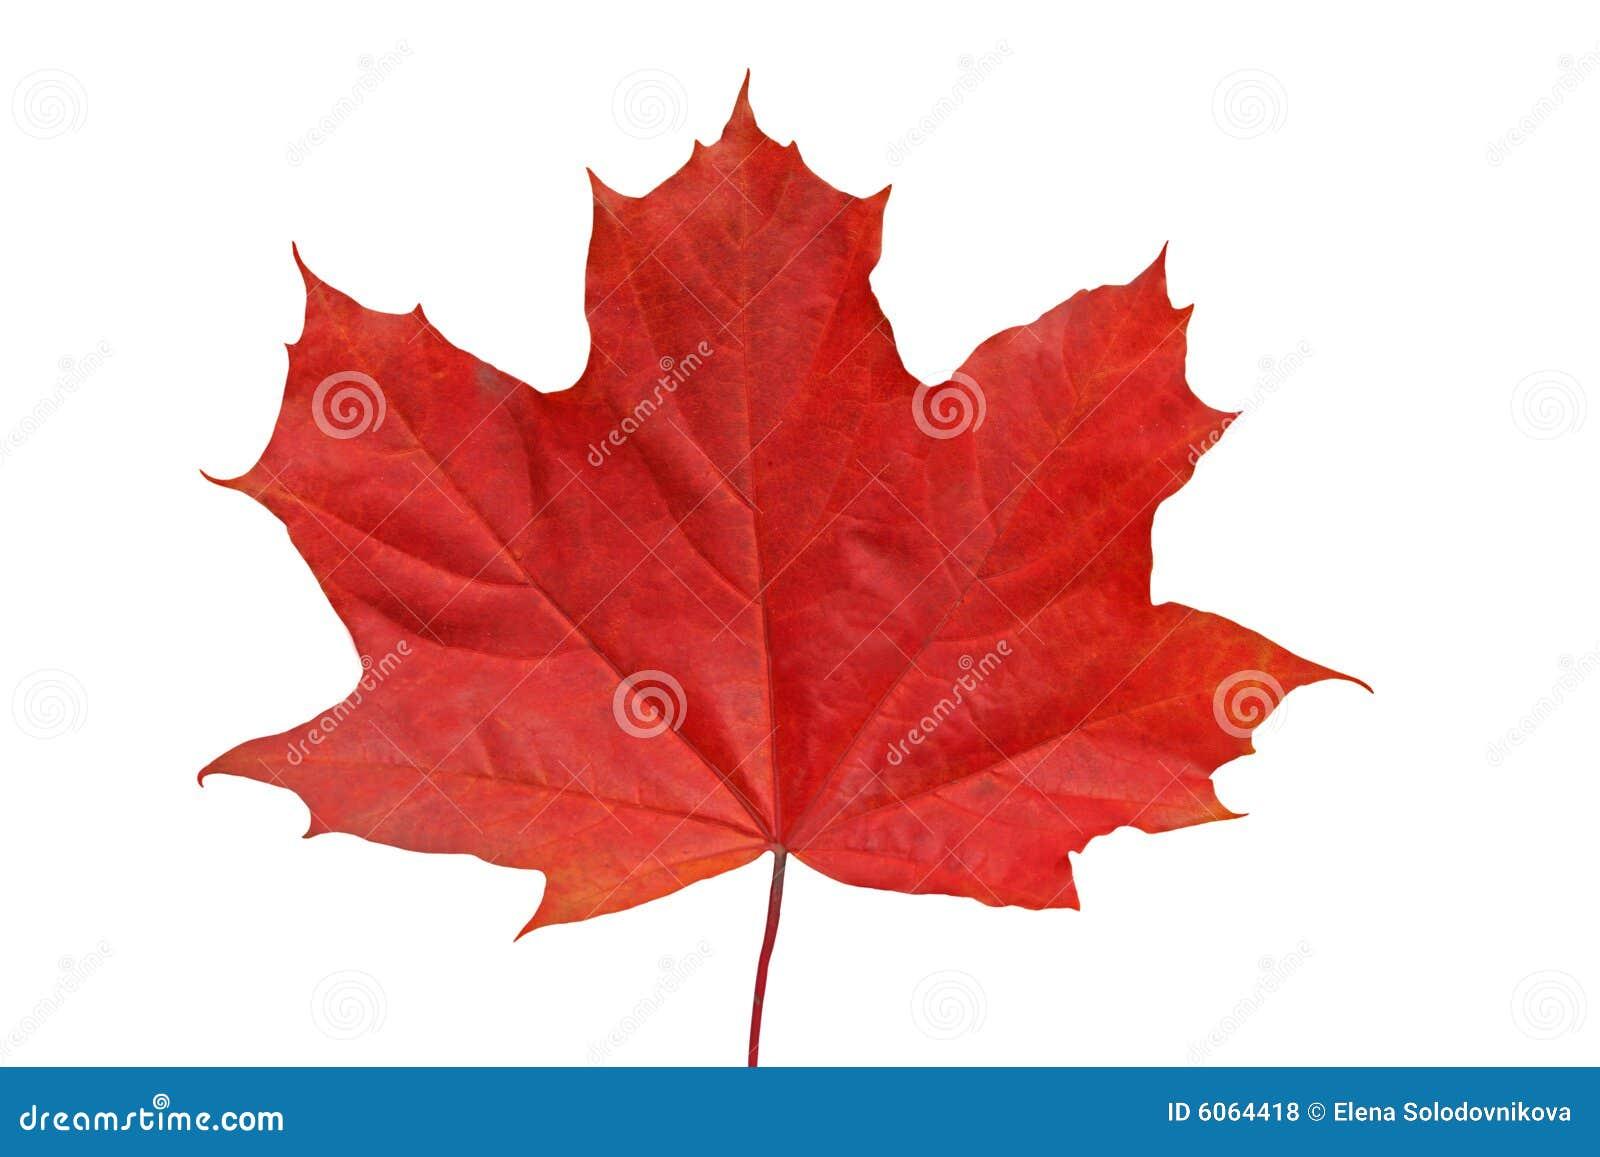 Czerwony klonów liściach